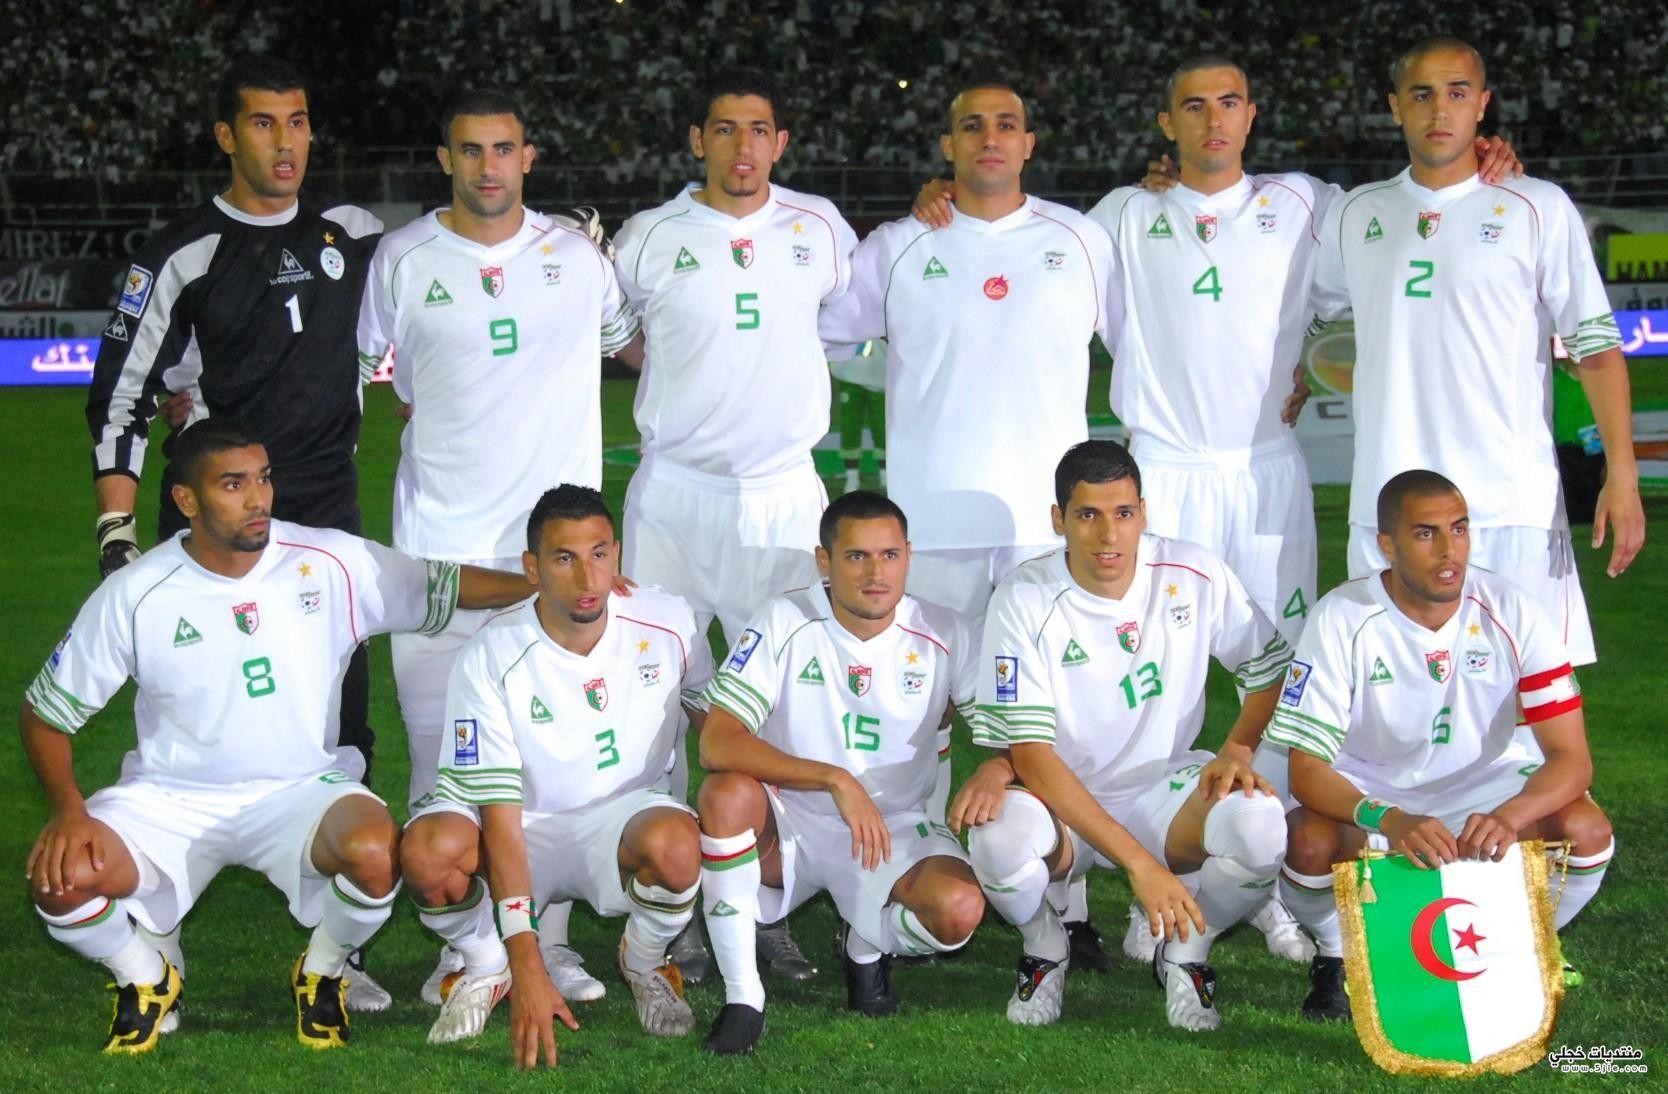 منتخب الجزائر العالم 2014 منتخب